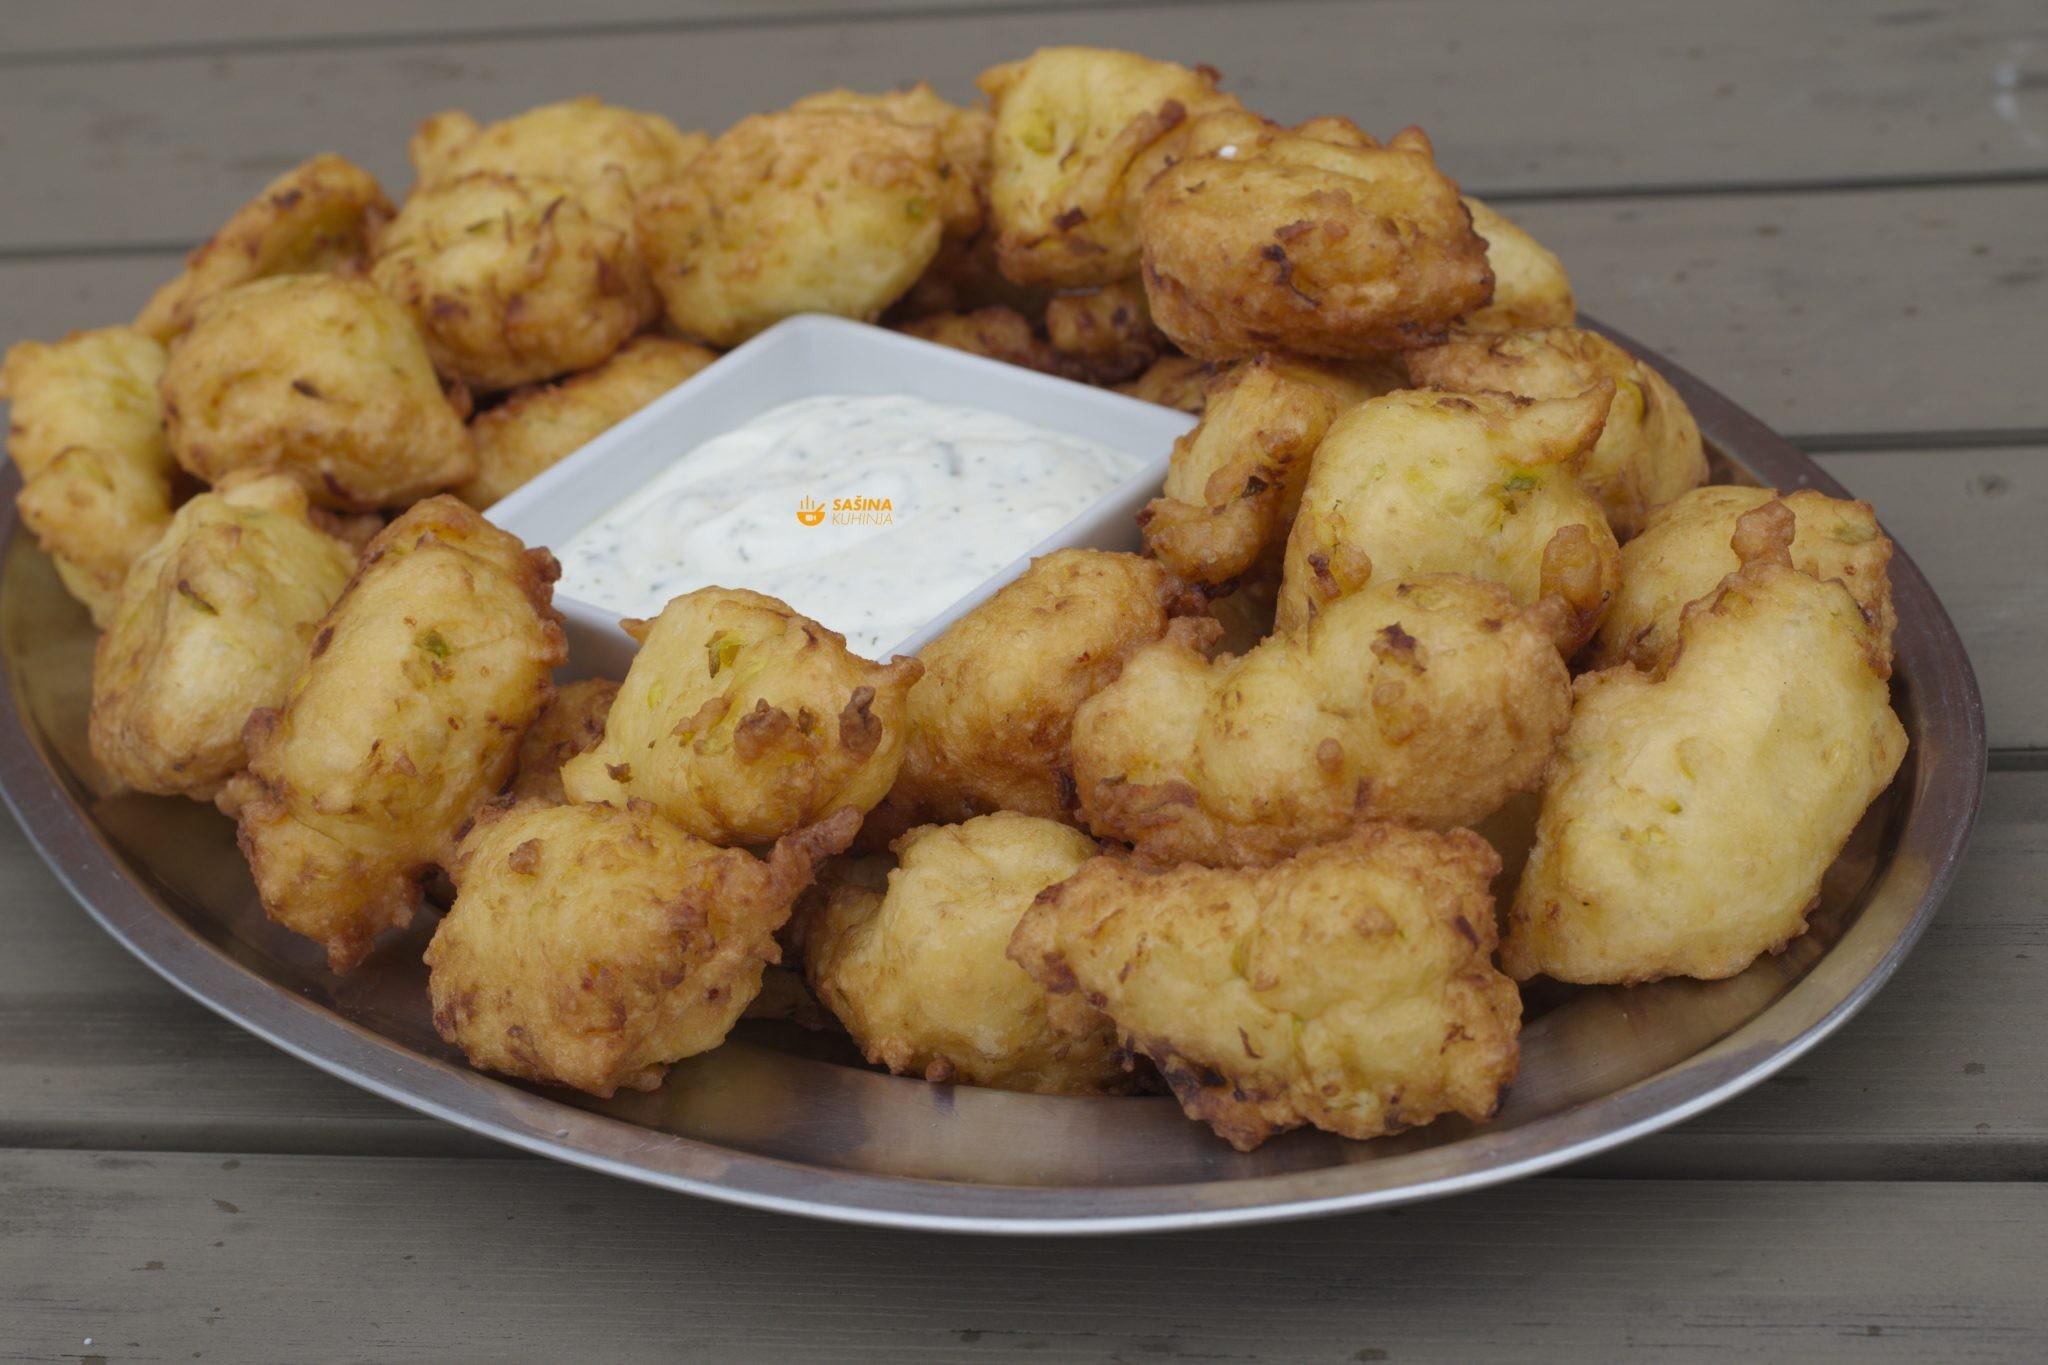 uštipci slani sa sirom i tikvicama